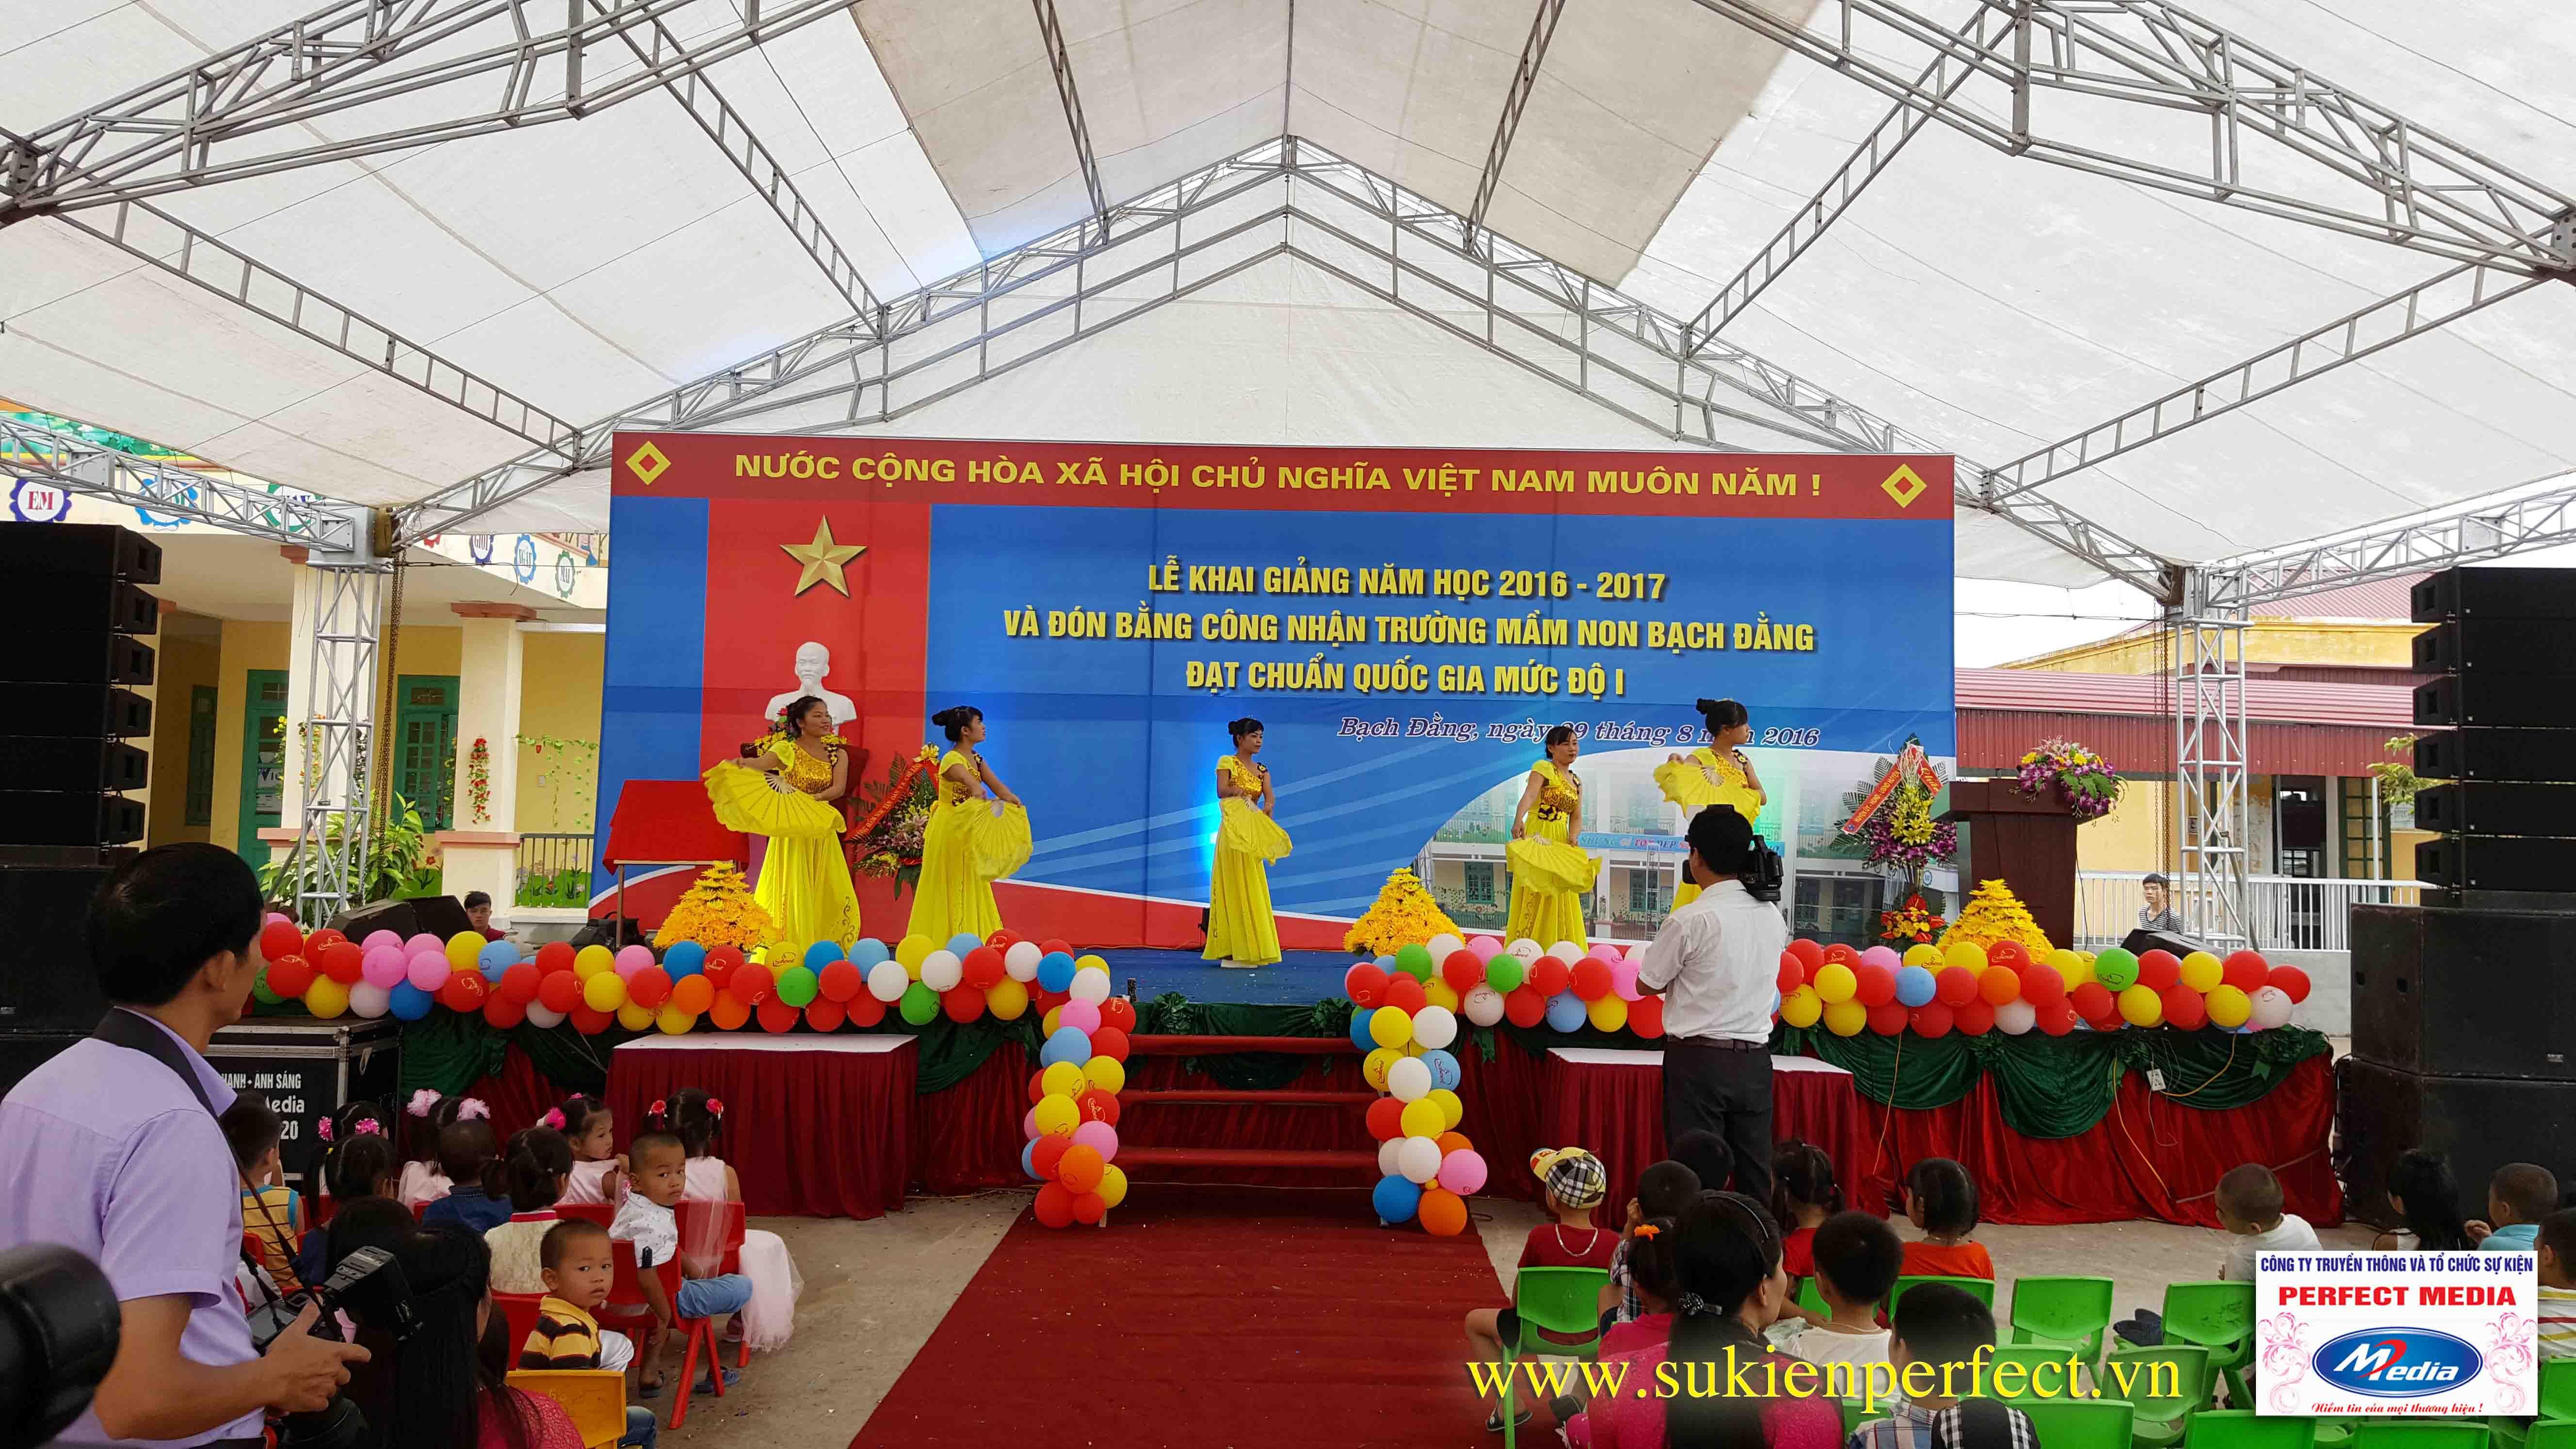 Lễ khai giảng năm học 2016 - 2017 của trường mầm non Bạch Đằng - Kinh Môn 05